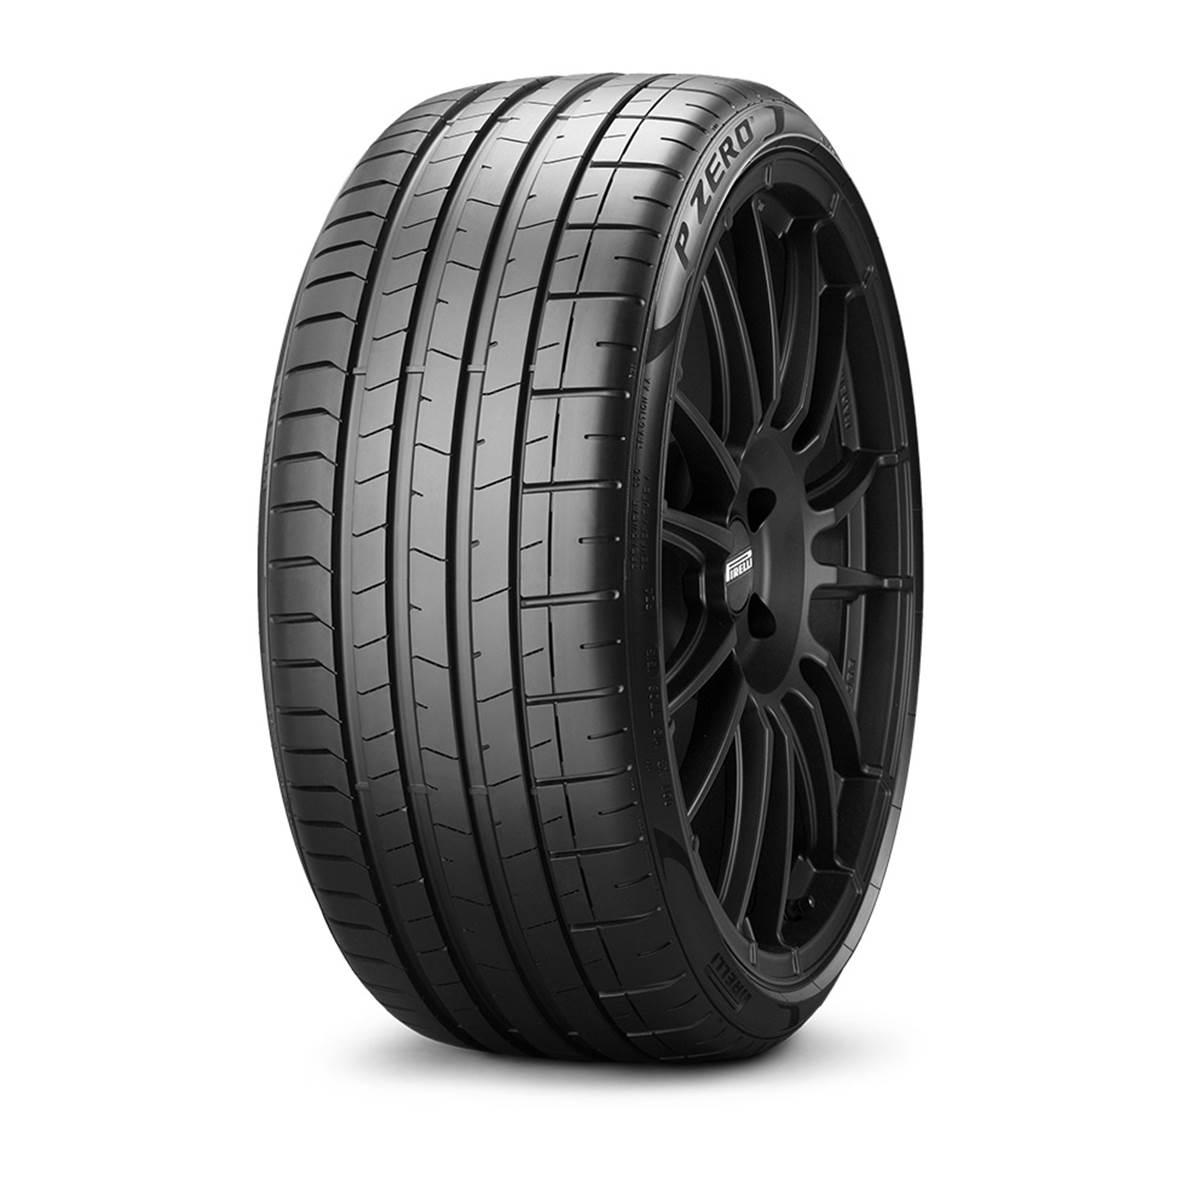 Pneu Runflat Pirelli 275/35R19 96Y Pzero